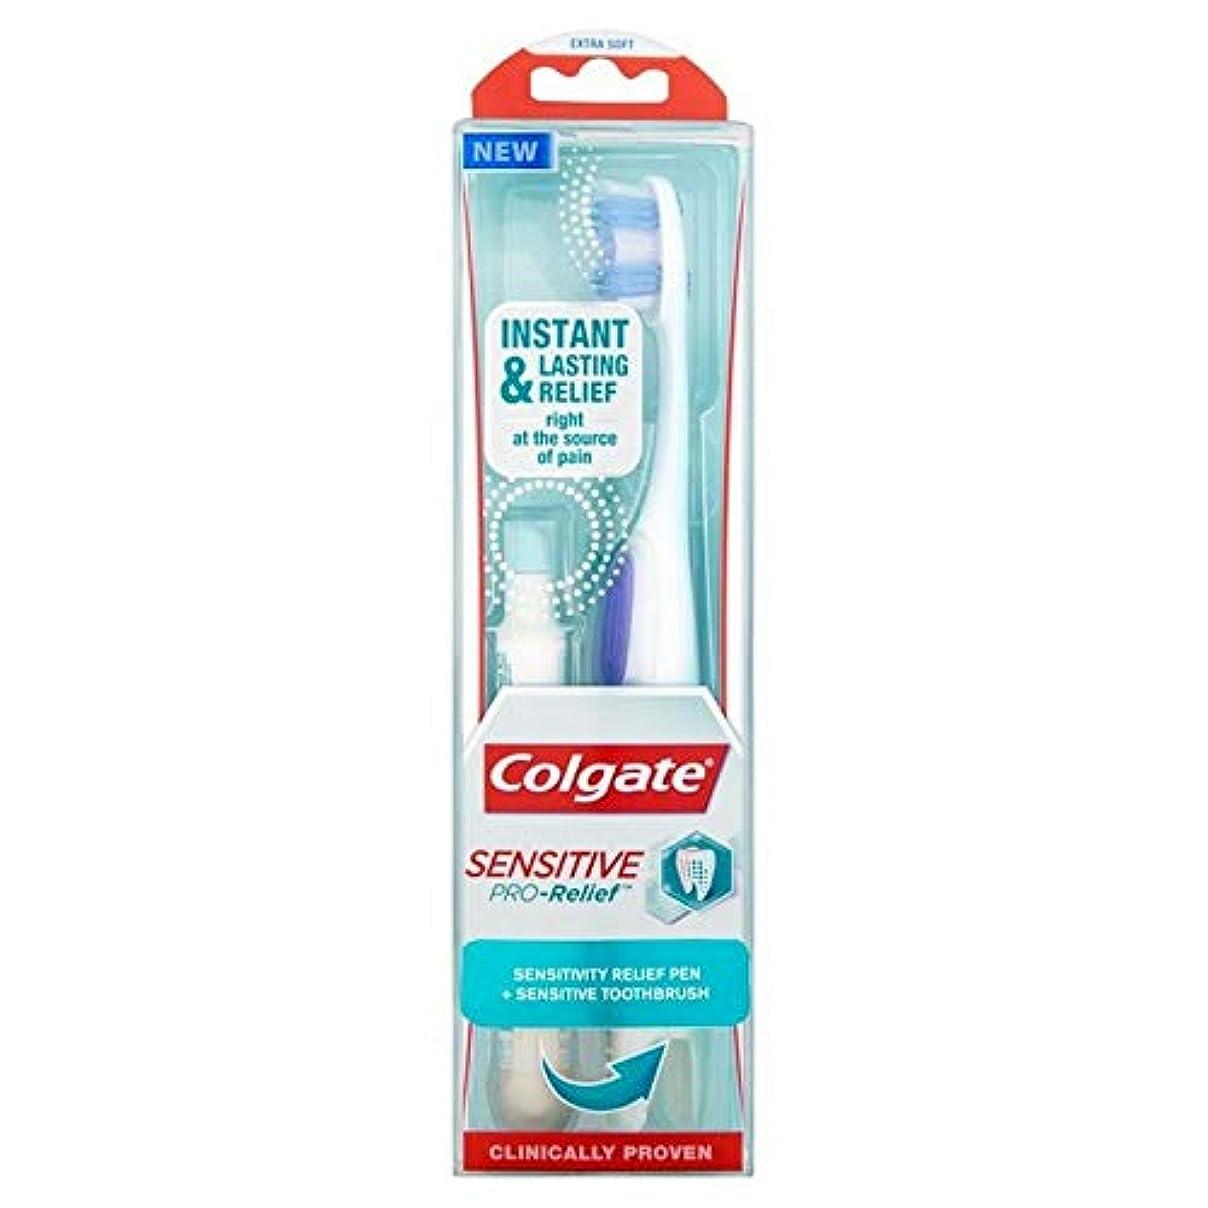 泥空洞浸透する[Colgate ] コルゲート敏感プロリリーフ歯ブラシ+感度リリーフペン - Colgate Sensitive Pro-Relief Toothbrush + Sensitivity Relief Pen [並行輸入品]